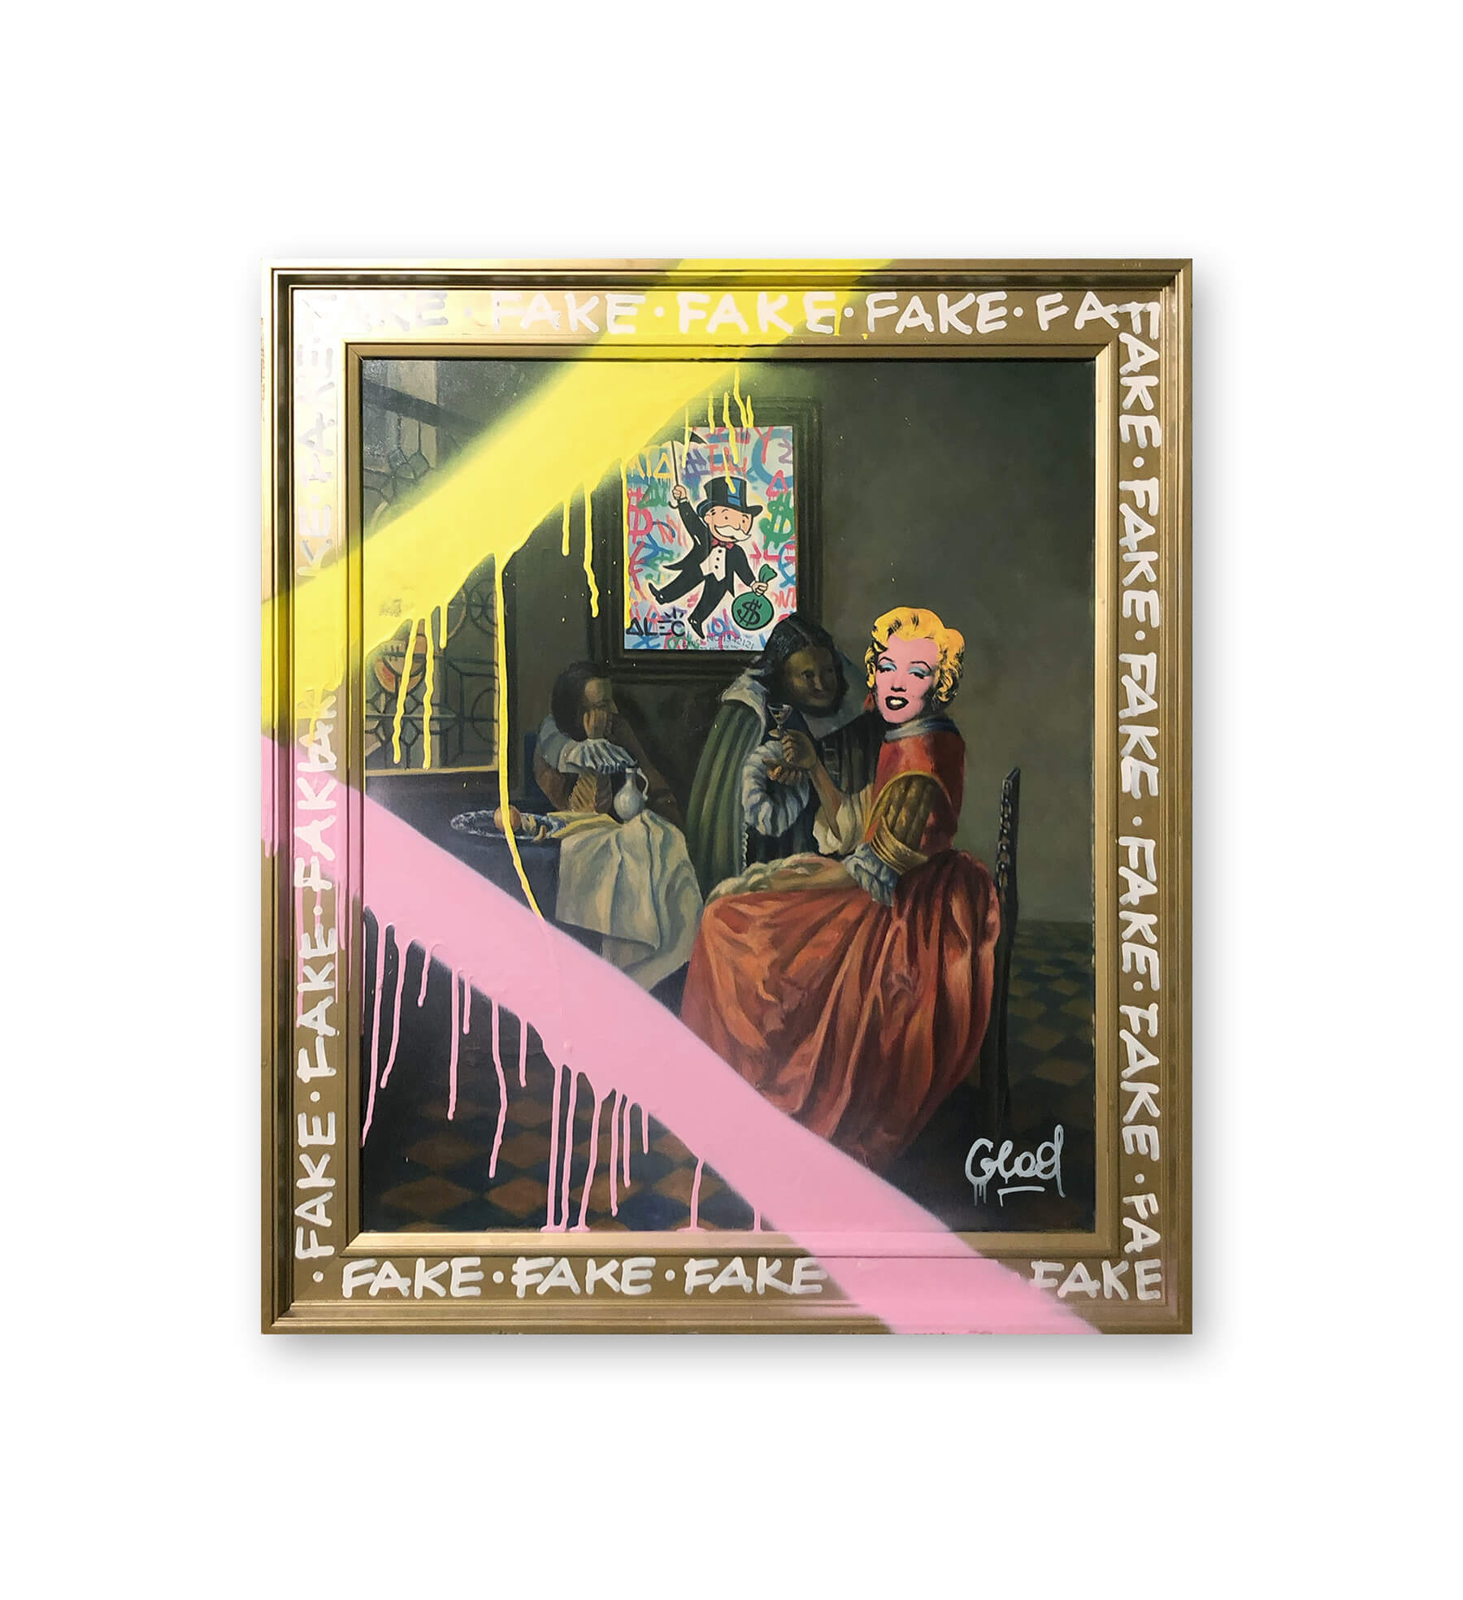 Glod-Art-Fake